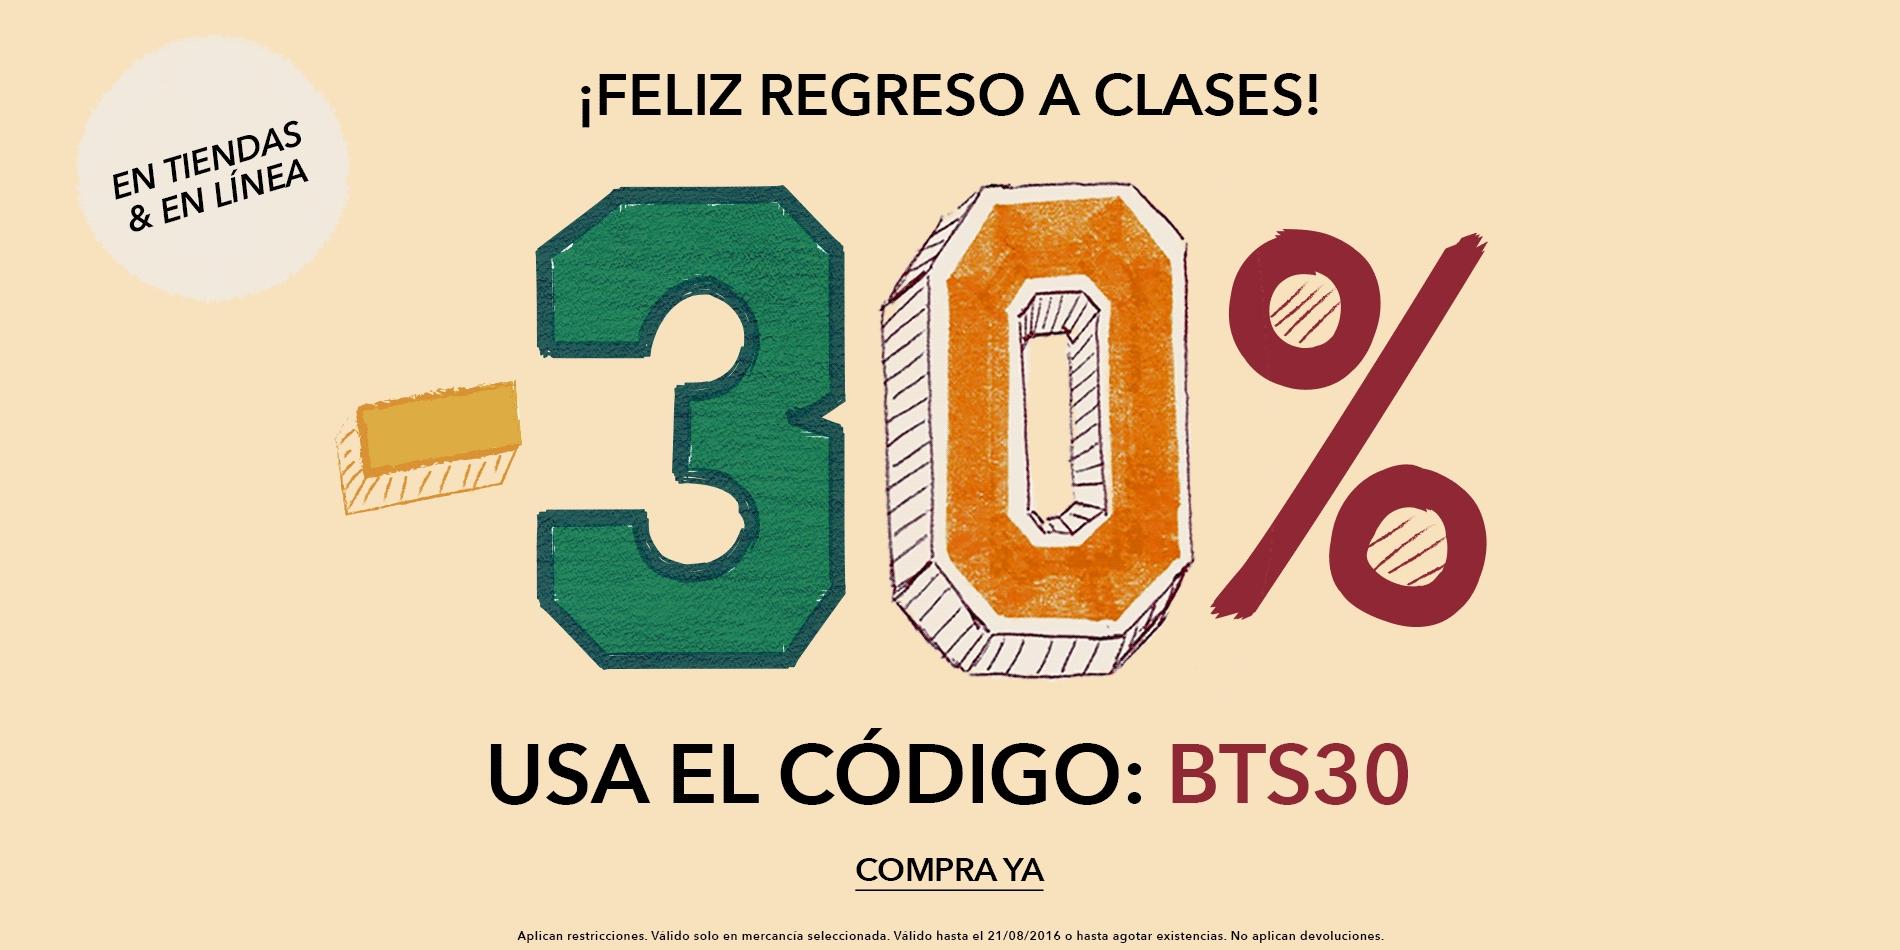 Forever 21 en línea: venta de regreso a clases, 30% de descuento adicional con cupón